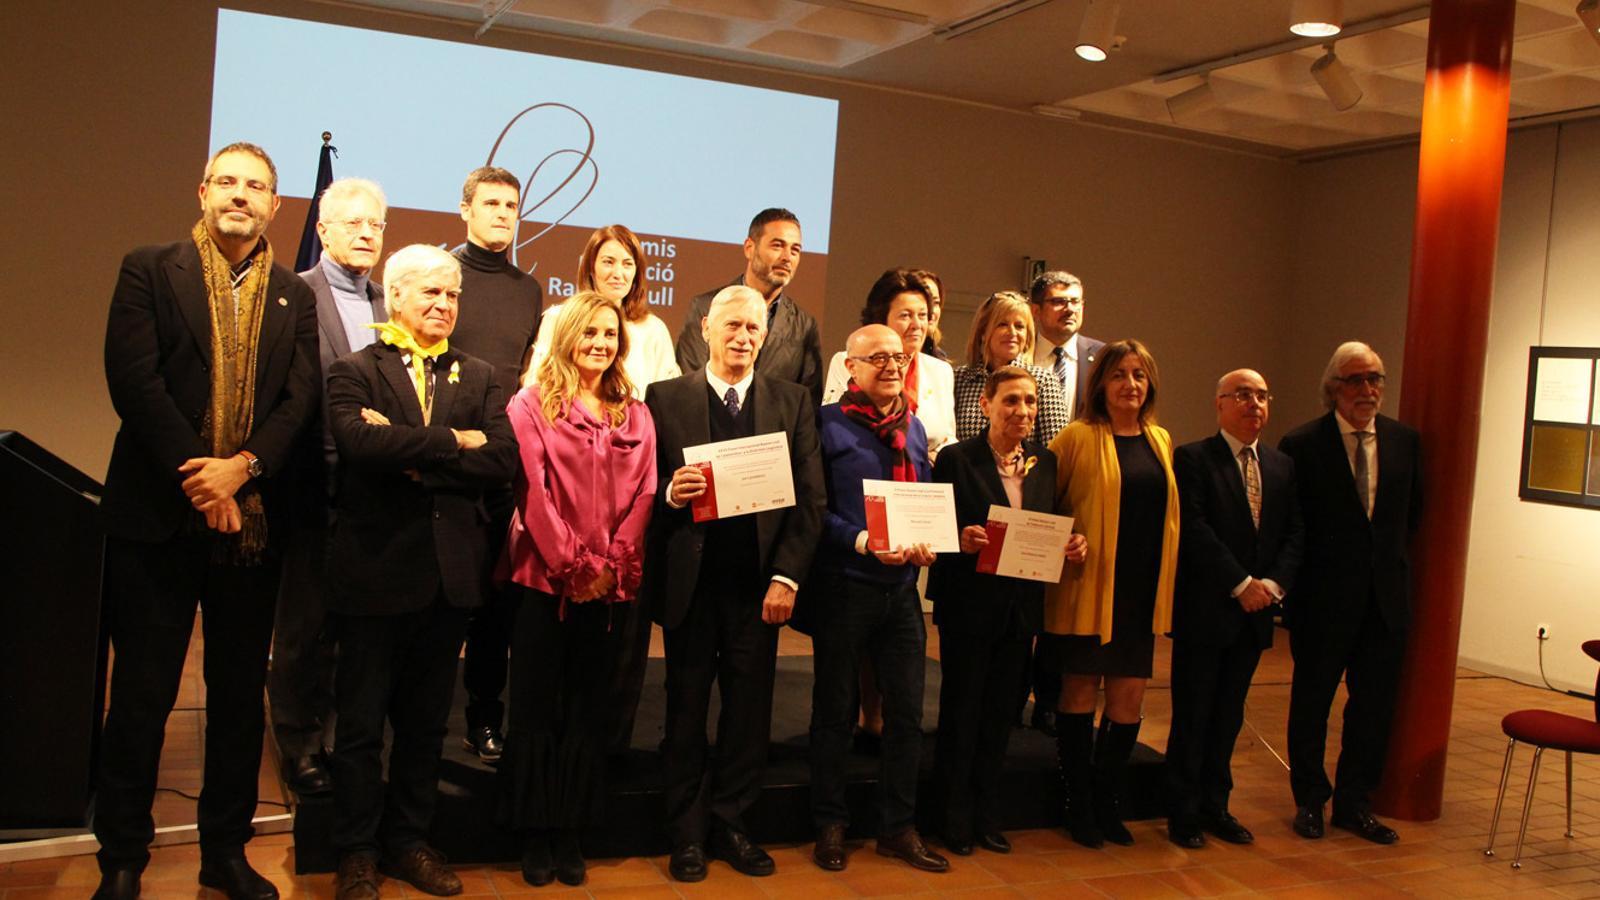 Fotografia de grup dels premis internacionals Ramon Llull, aquest dijous a l'Auditori Nacional. / ANA (E. J. M.)